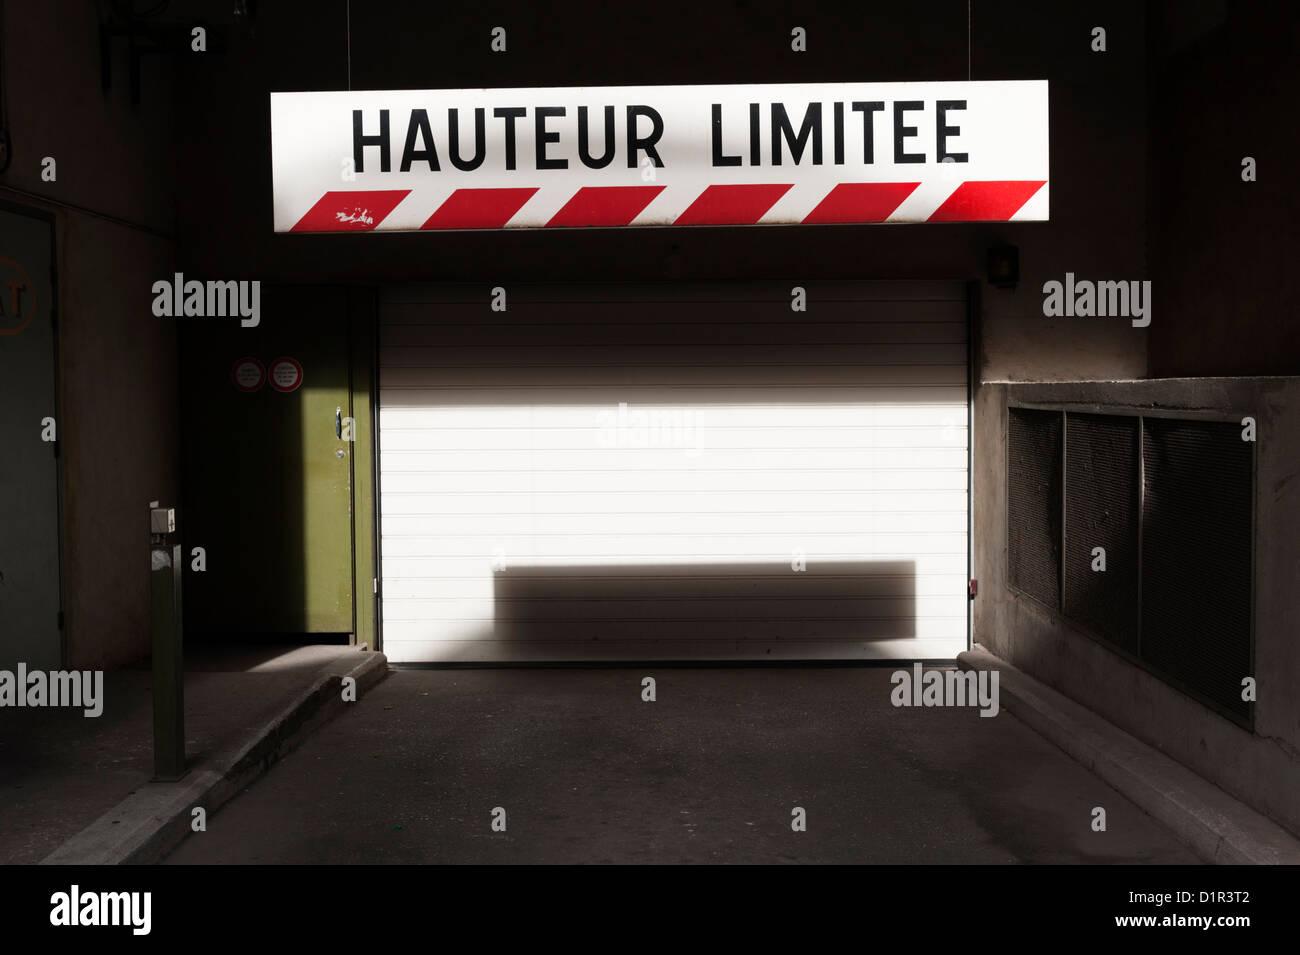 Paris, France: Avertissement de limite de hauteur en français à l'entrée d'un parking Photo Stock